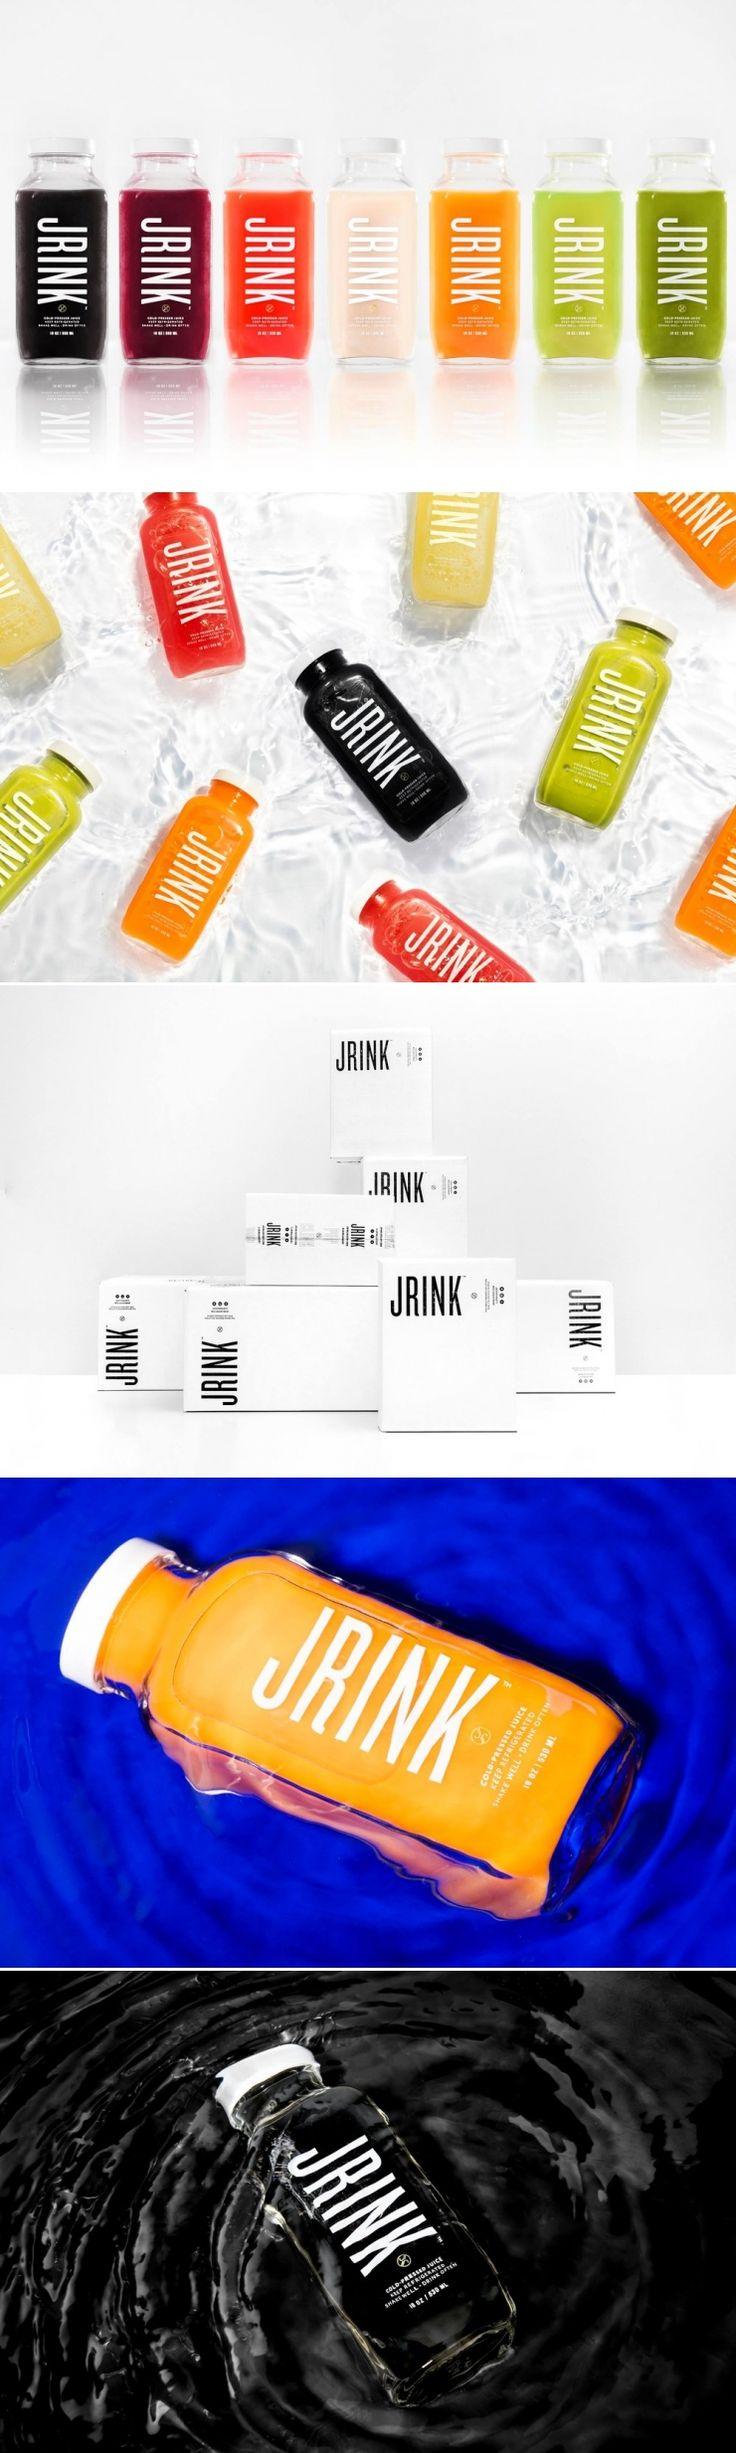 JRINK Juicery — The Dieline - Branding & Packaging Design